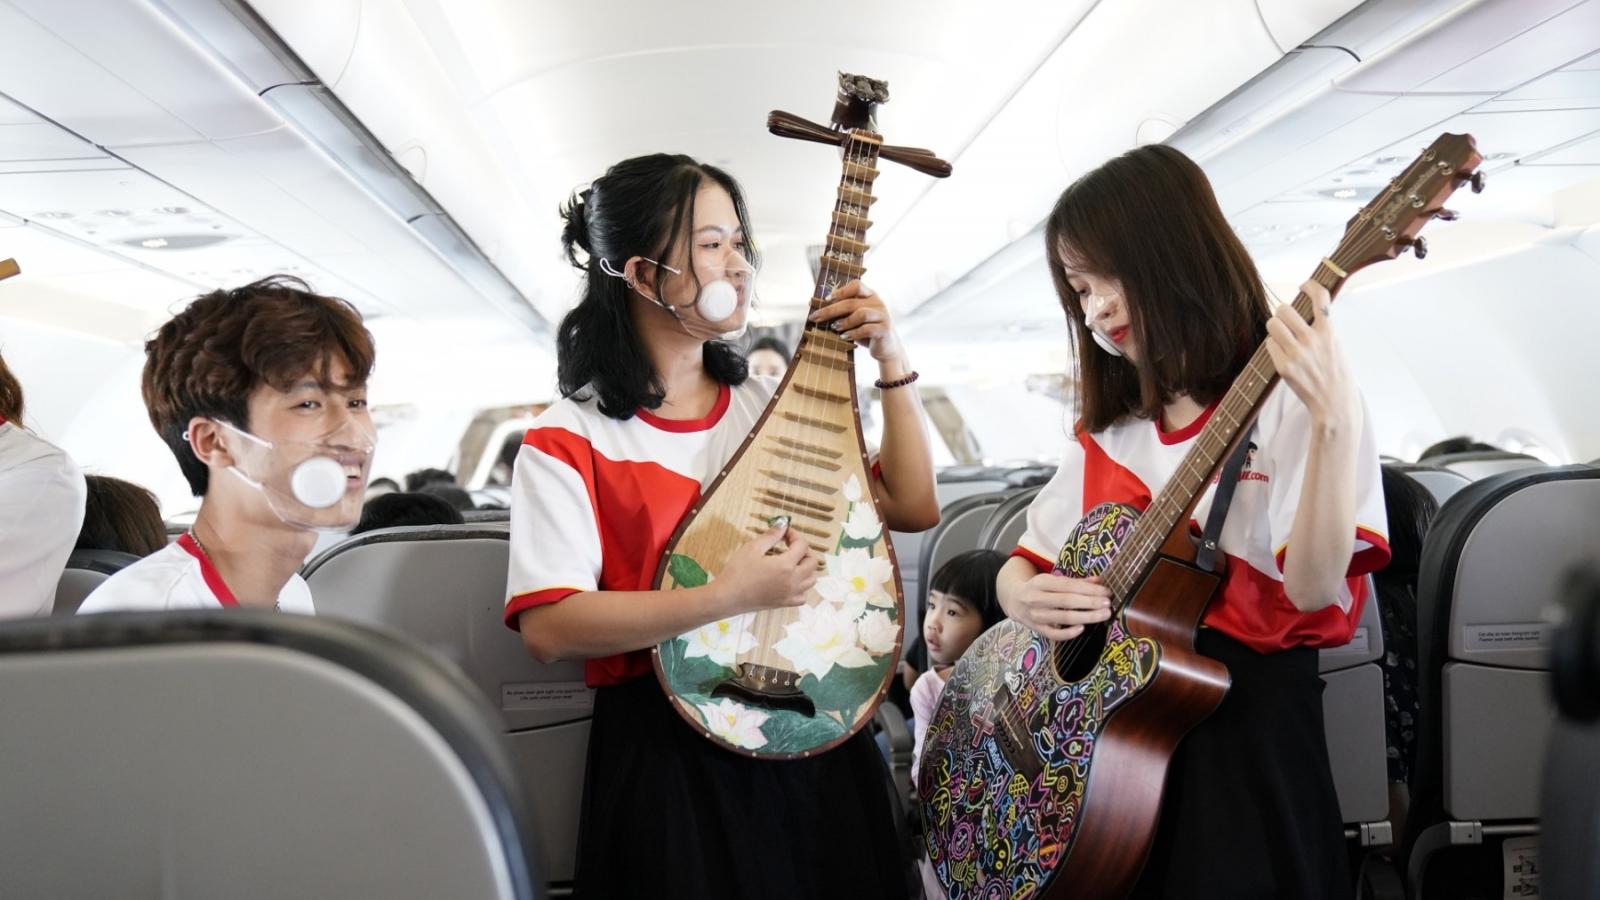 Vietjet biểu diễn nhạc cụ dân tộc trên máy bay, mừng ngày thống nhất đất nước 30/4